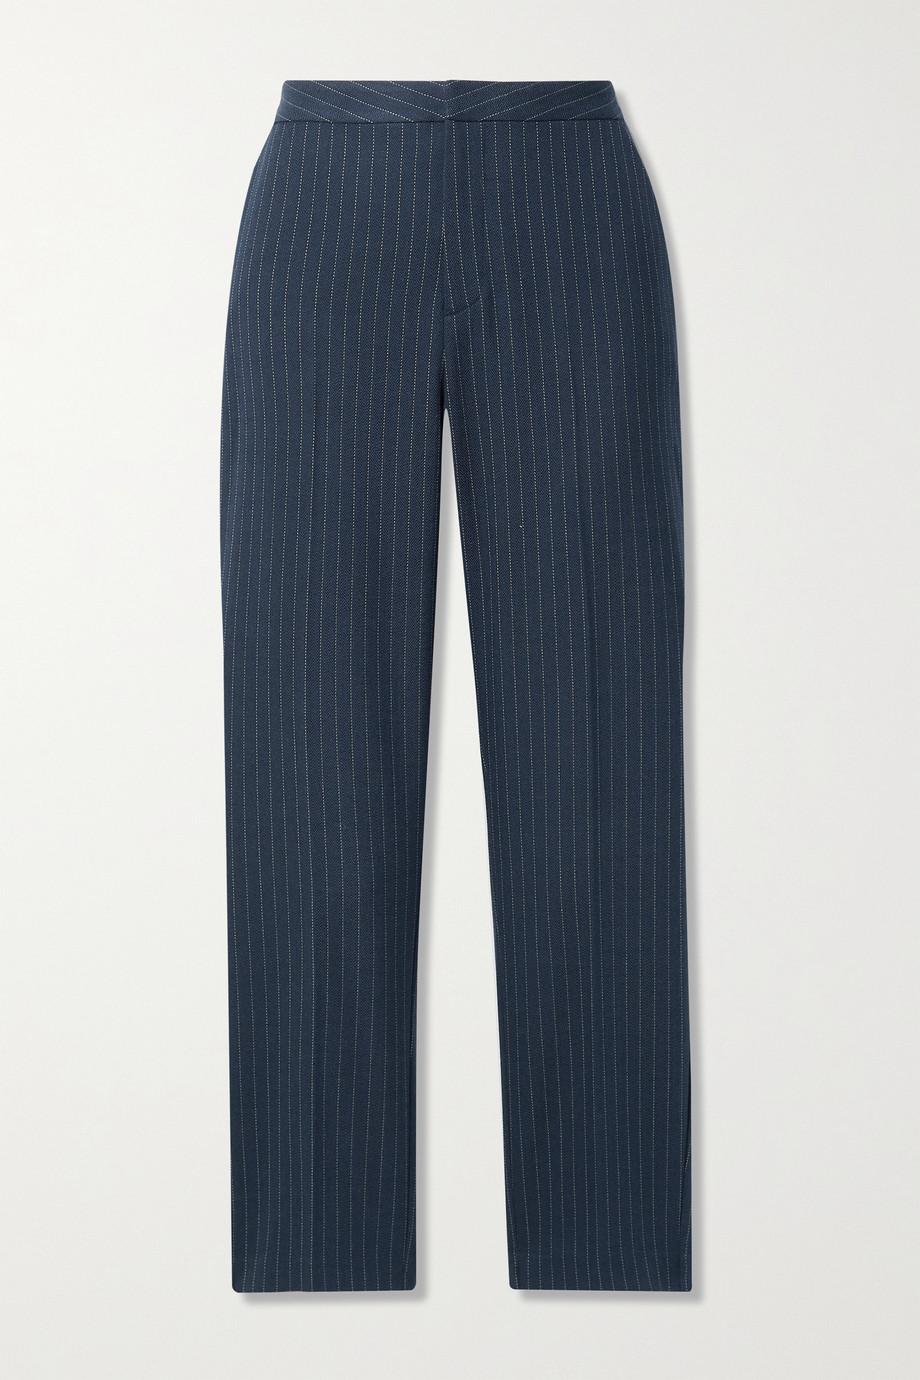 L'Agence Pantalon slim raccourci tissé à chevrons et à fines rayures Sawyer